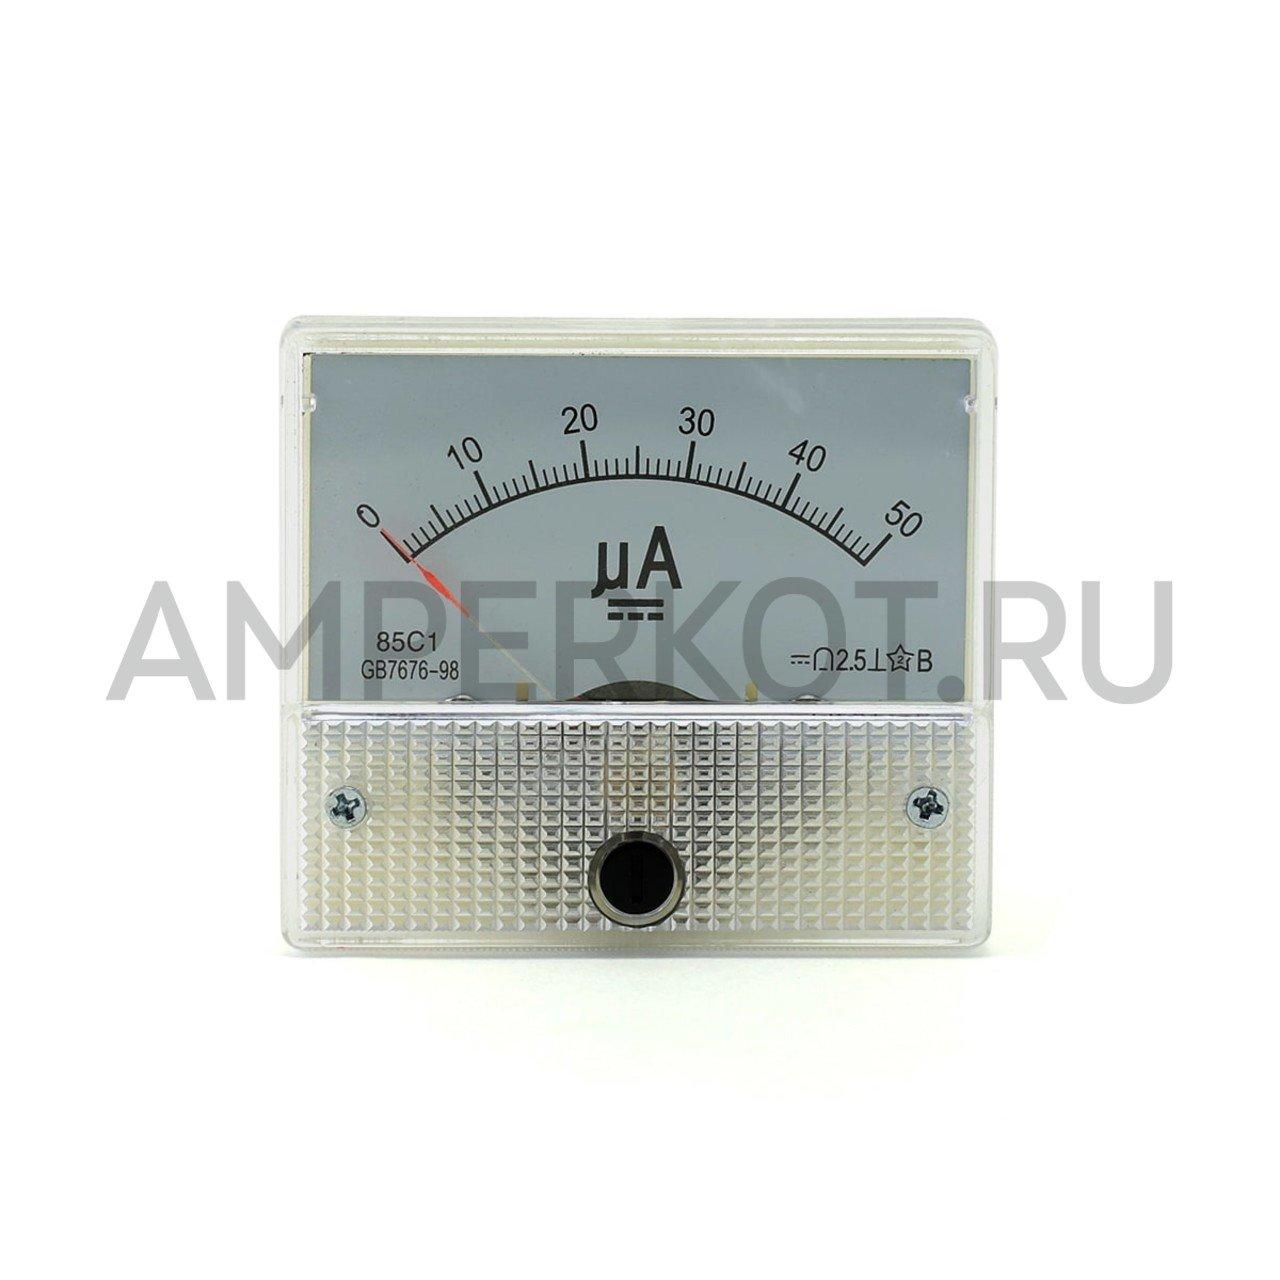 Аналоговый амперметр 85C1, 50µA